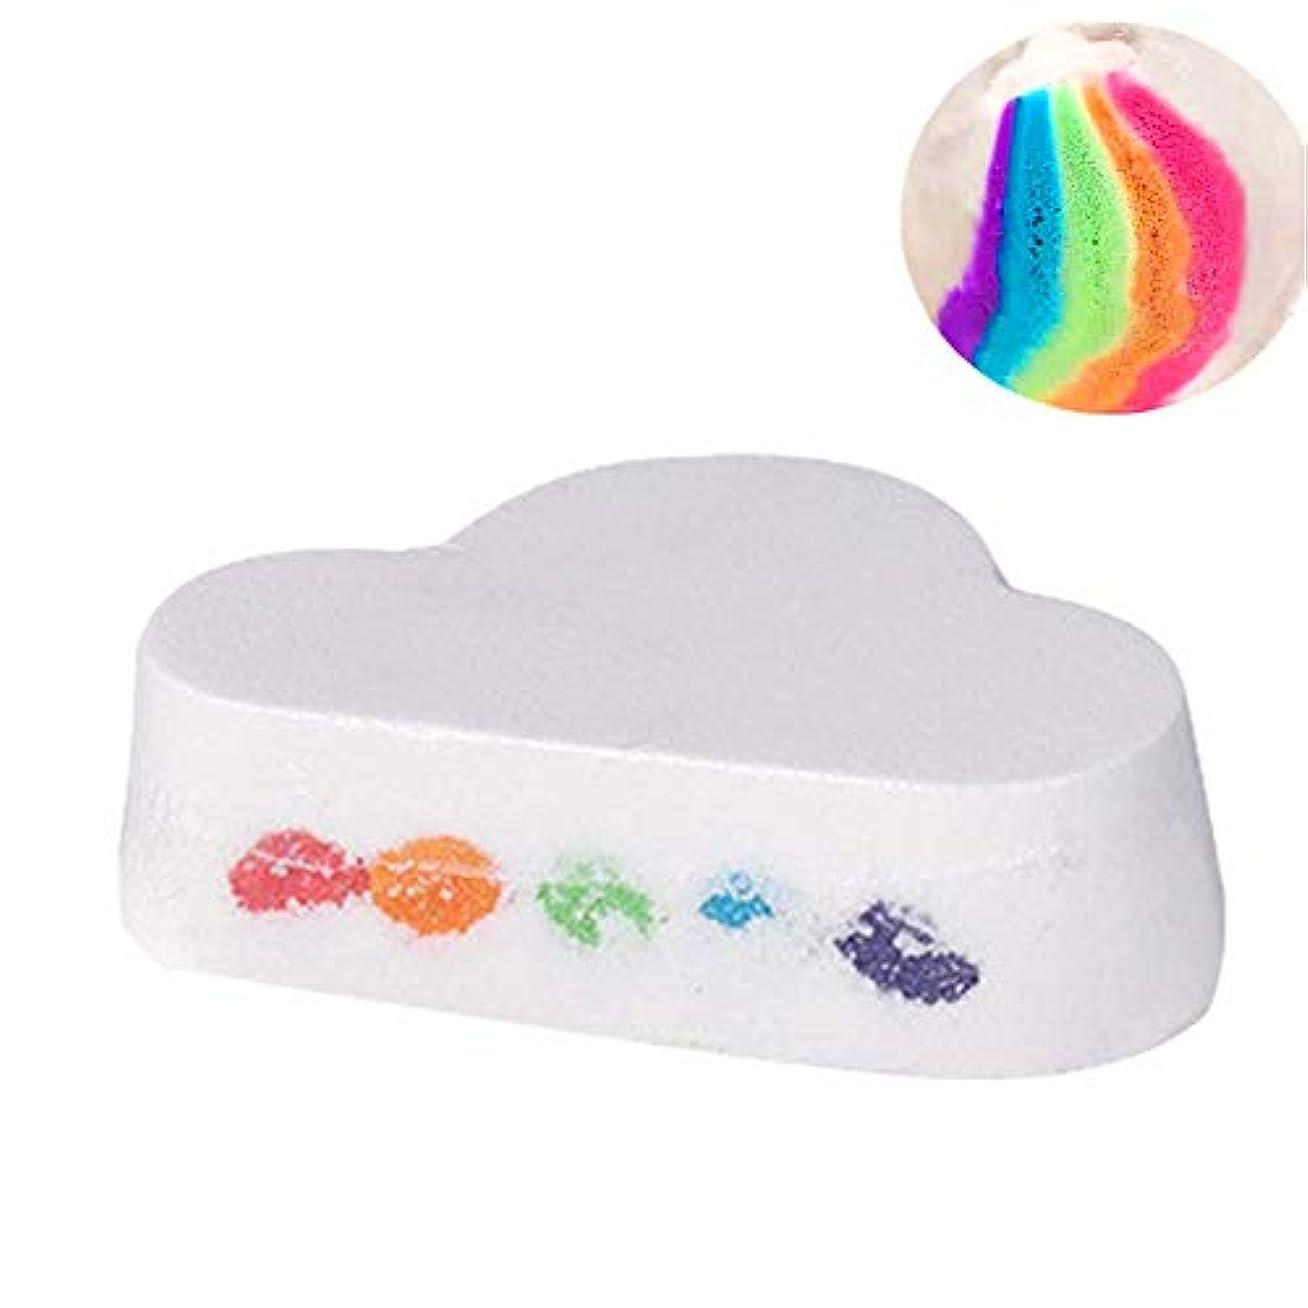 精神医学誰も差別化するレインボー クラウド 入浴ボール 入浴剤 風呂泡の泡立った浮遊物 虹色 女性用保湿スキンギフト